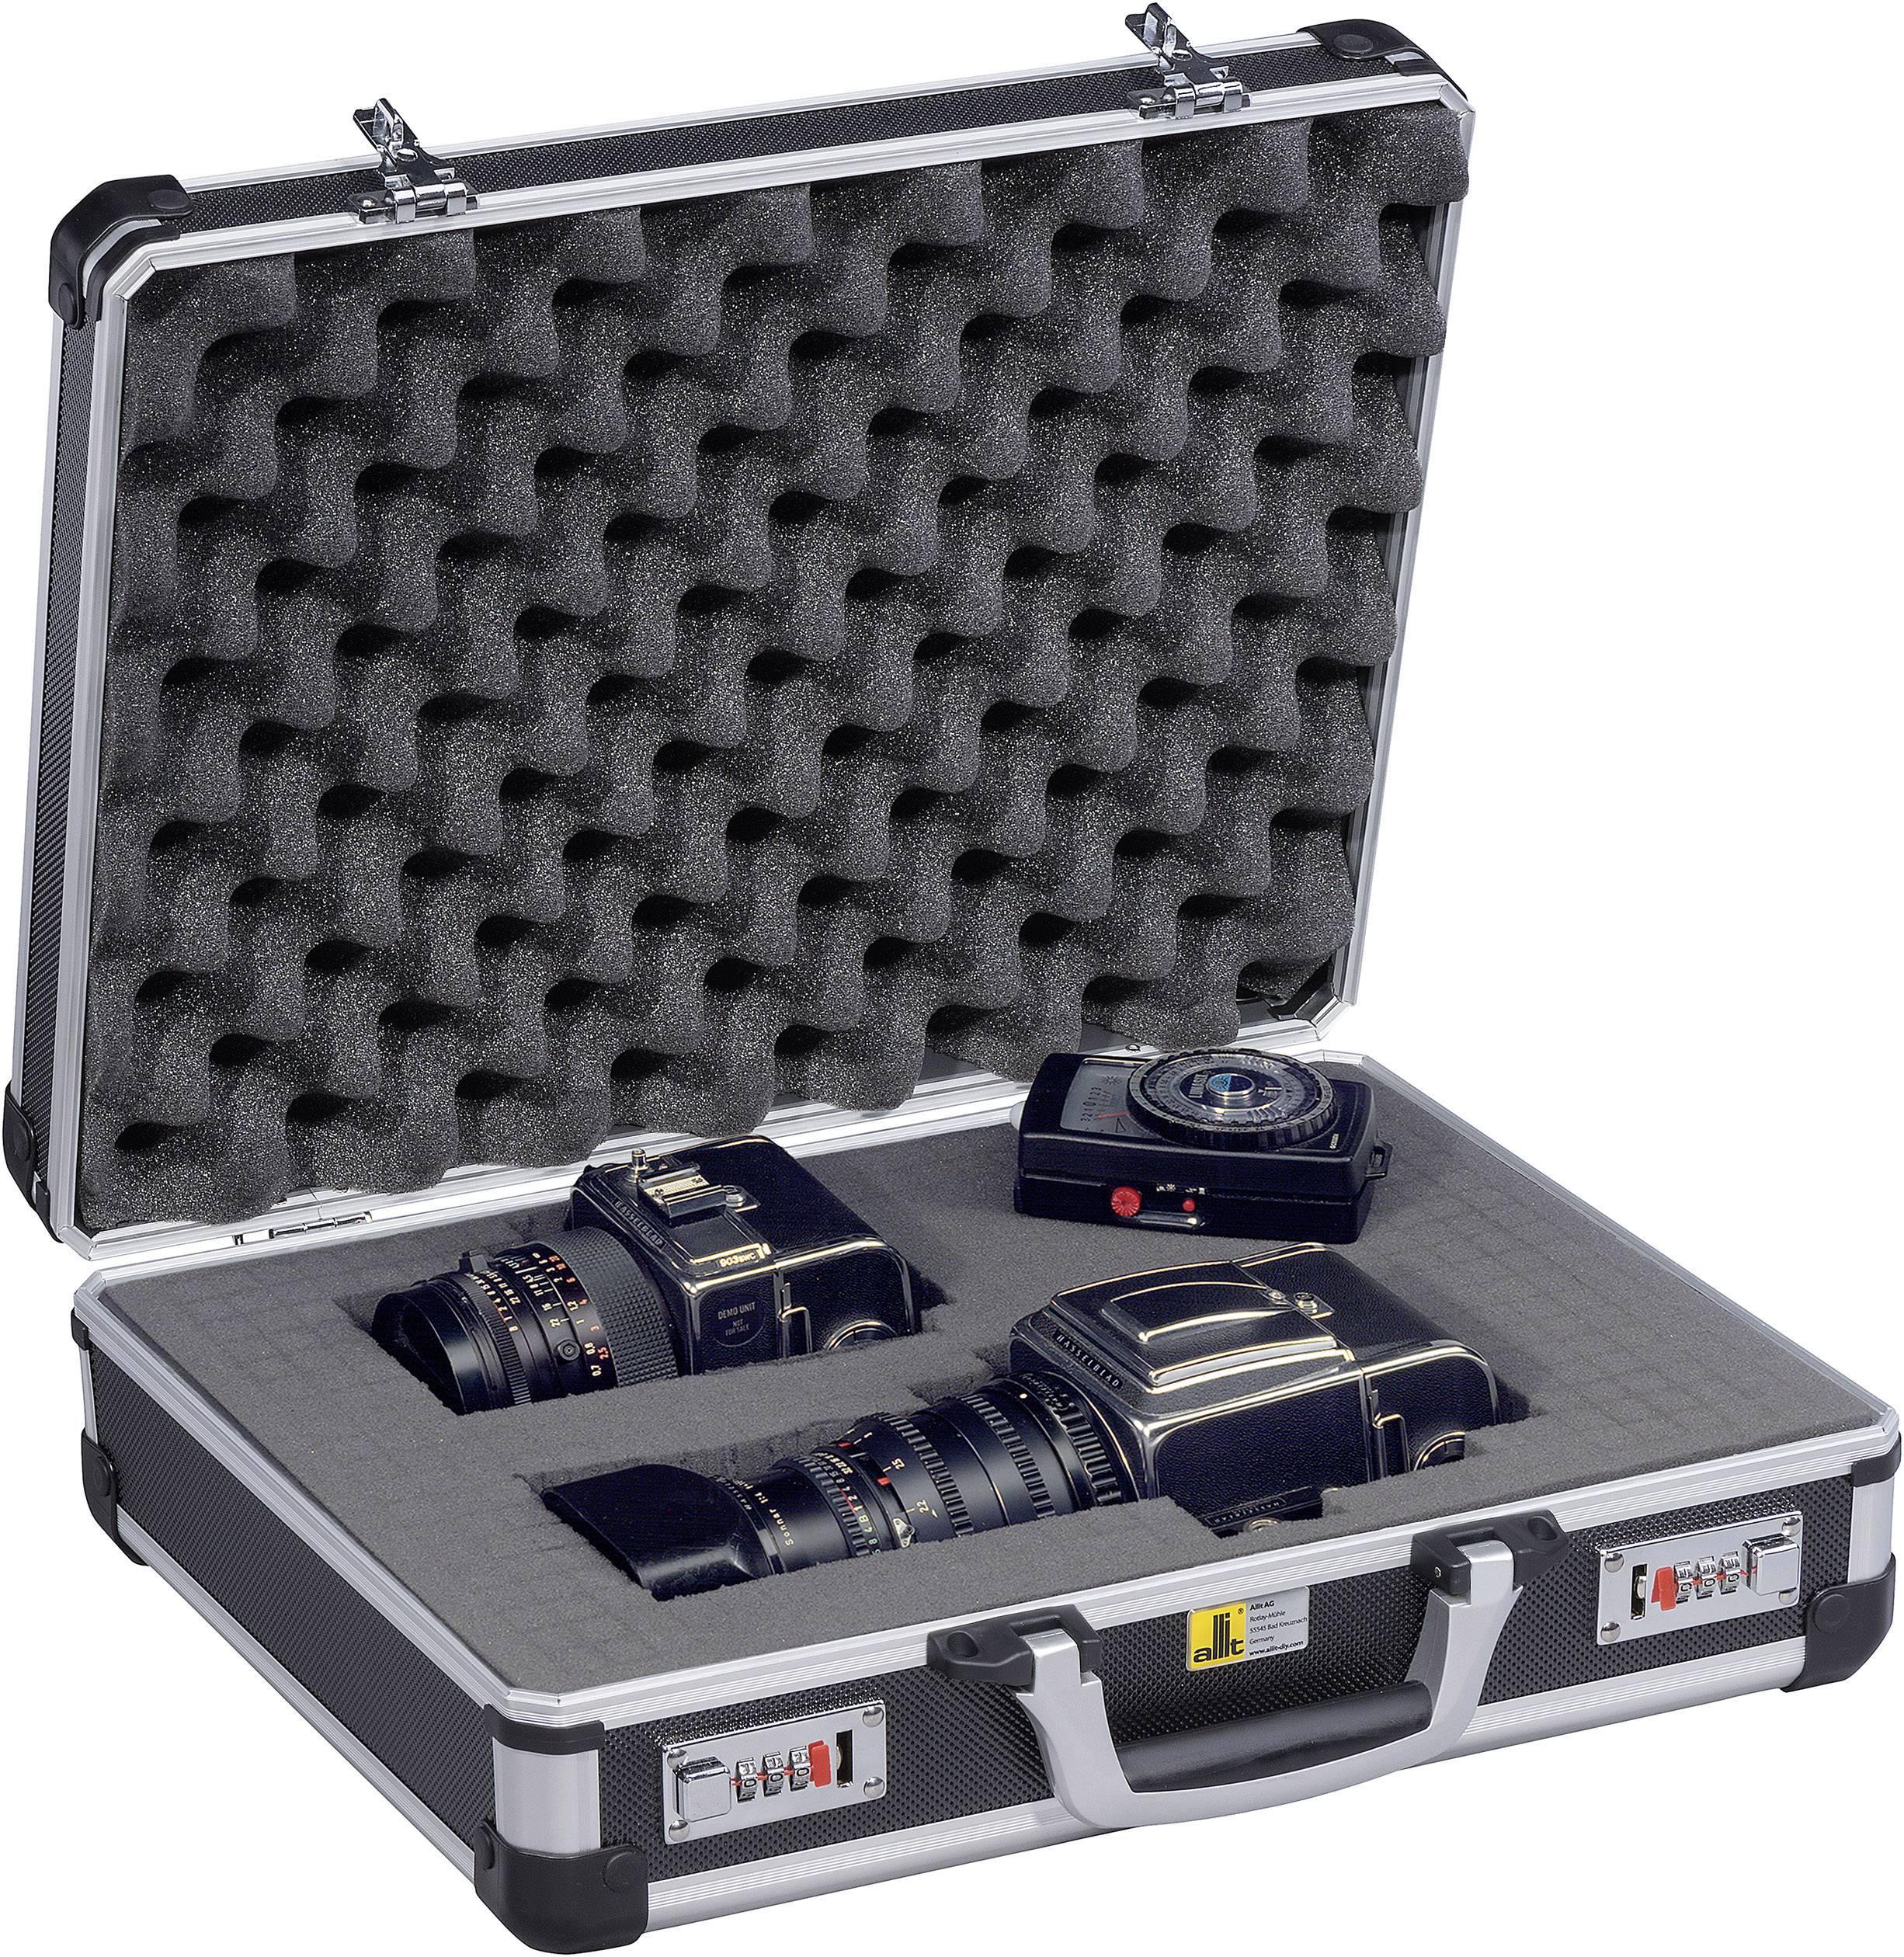 Kufřík na nářadí Allit AluPlus Protect C 44 425810, (d x š x v) 445 x 370 x 145 mm